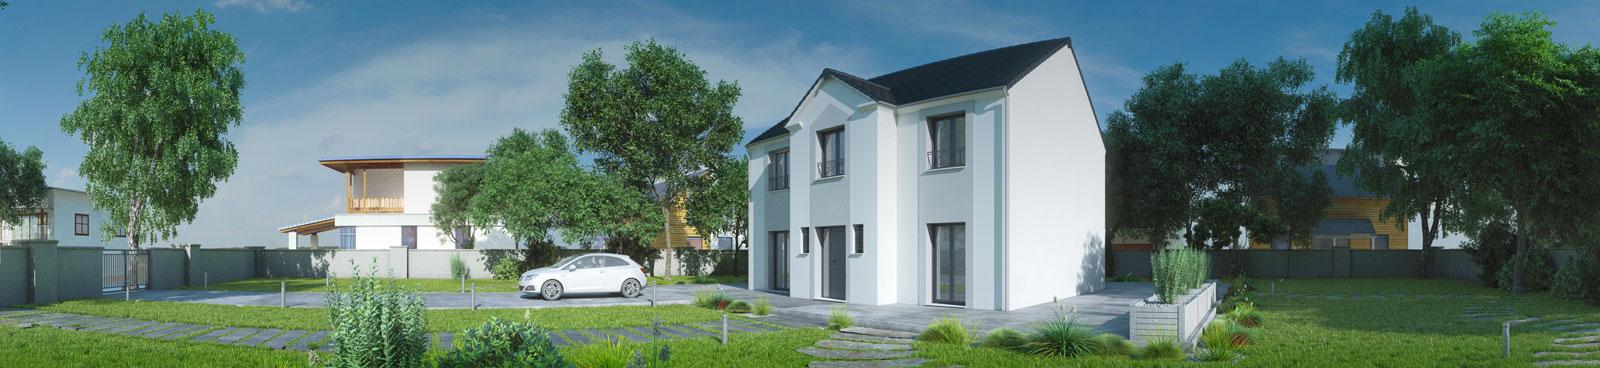 Maisons deal est un constructeur de maisons individuelles for Constructeur maison individuelle essonne